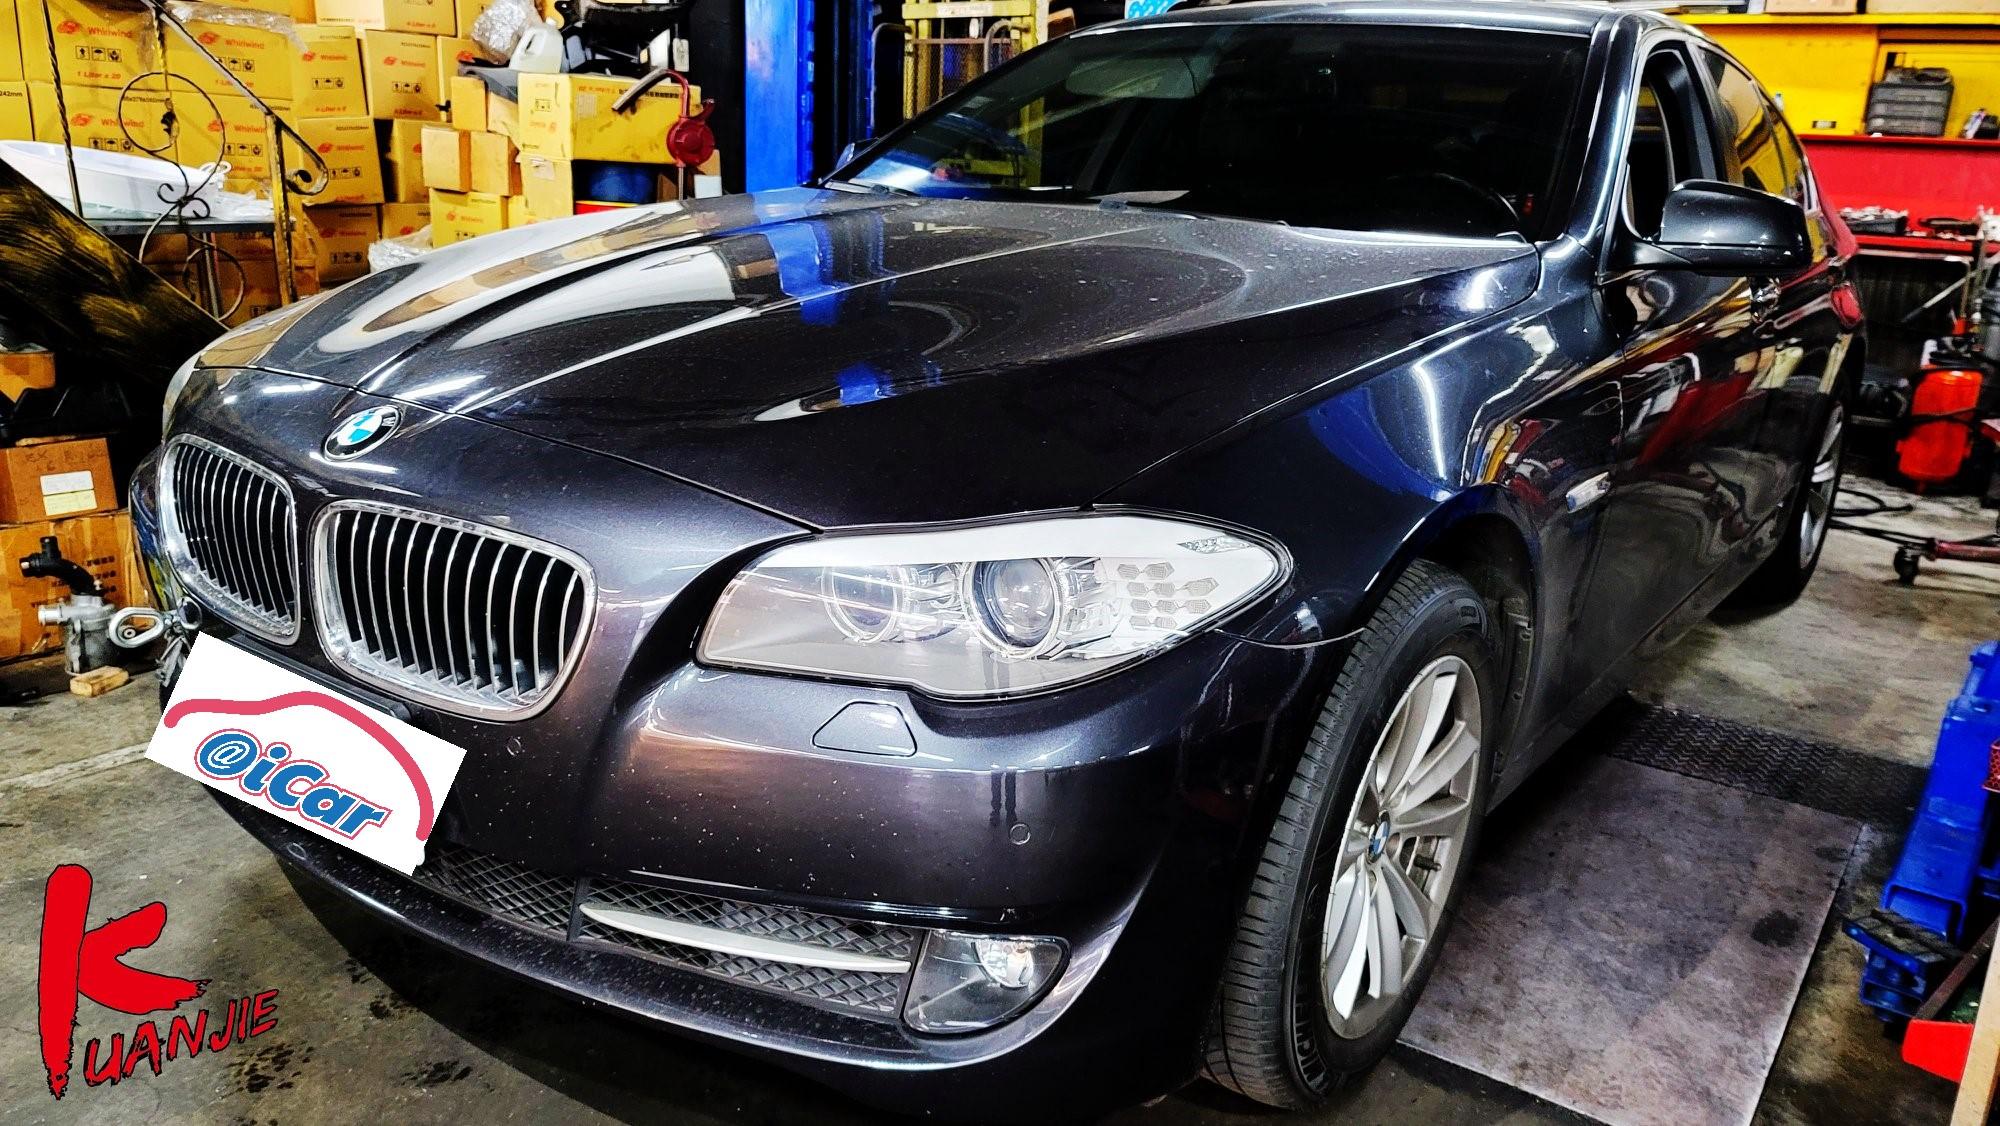 【冠傑汽車】寶馬/BMW F10 520d/8HP變速箱#高速行駛中排檔桿被踢到#差速器損壞#差速器油更換#底盤異音#OiCar新北市三重區推薦汽車保養維修線上